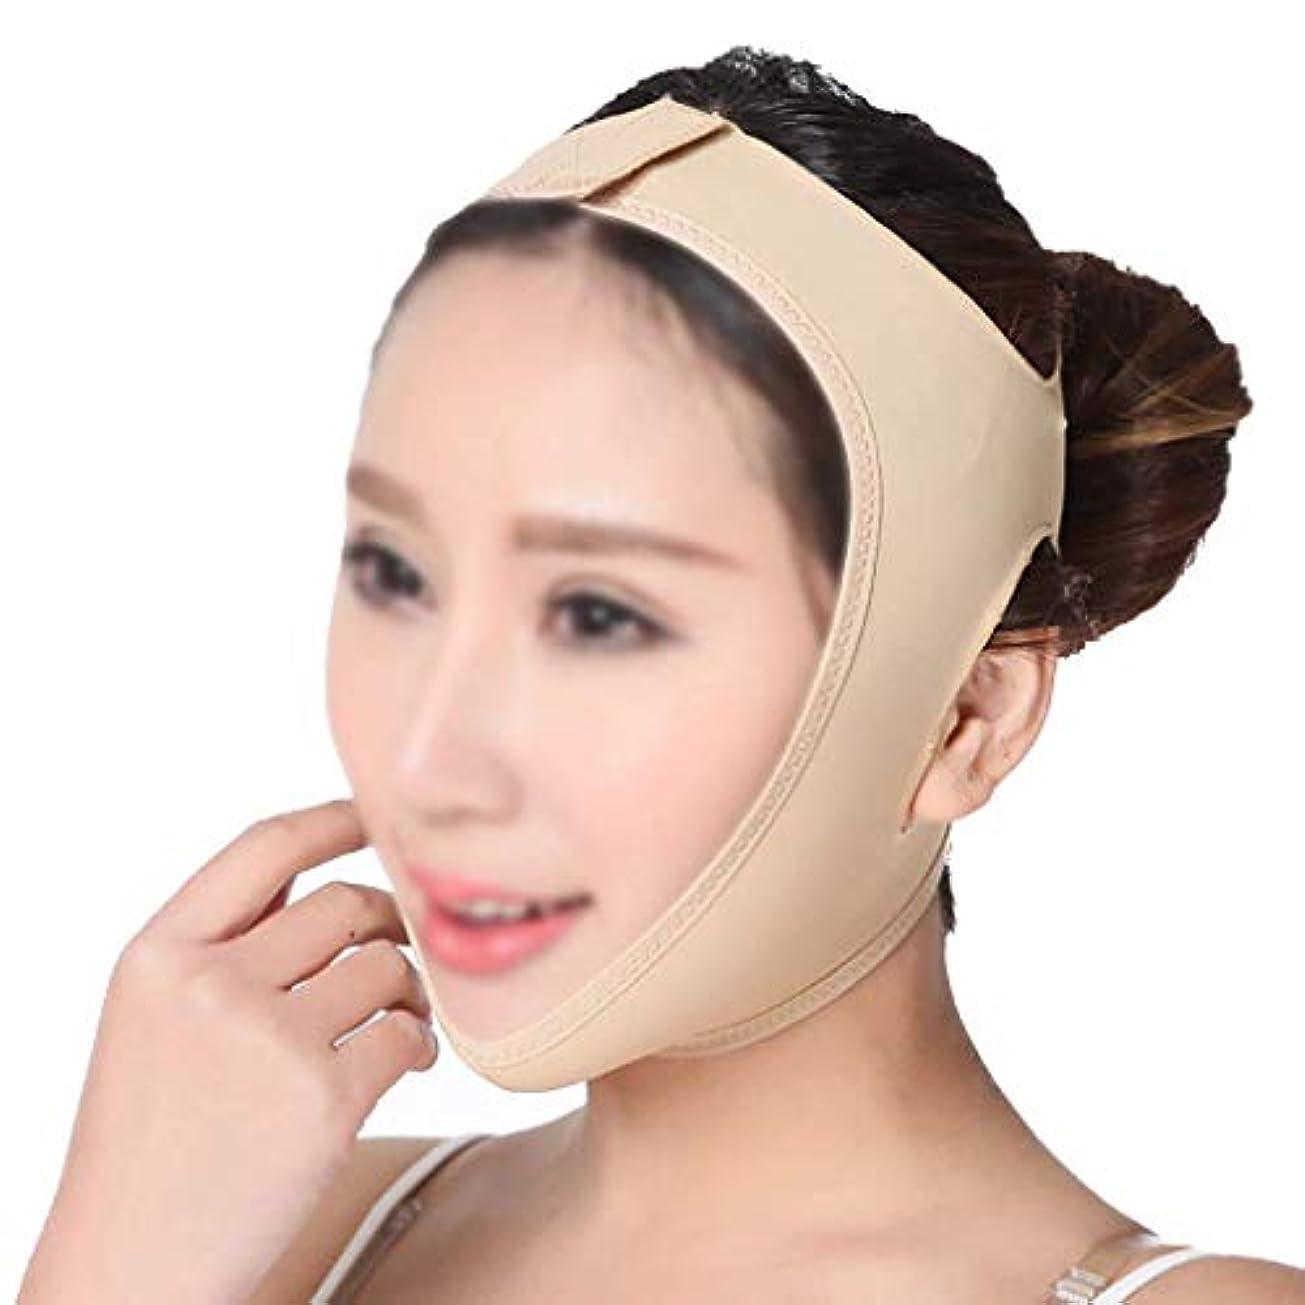 たっぷりほこり歯痛フェイスリフティング包帯、Vフェイスインストゥルメントフェイスマスクアーティファクト引き締めマスク手動フェイシャルマッサージャー通気性肌のトーン(サイズ:xl),S